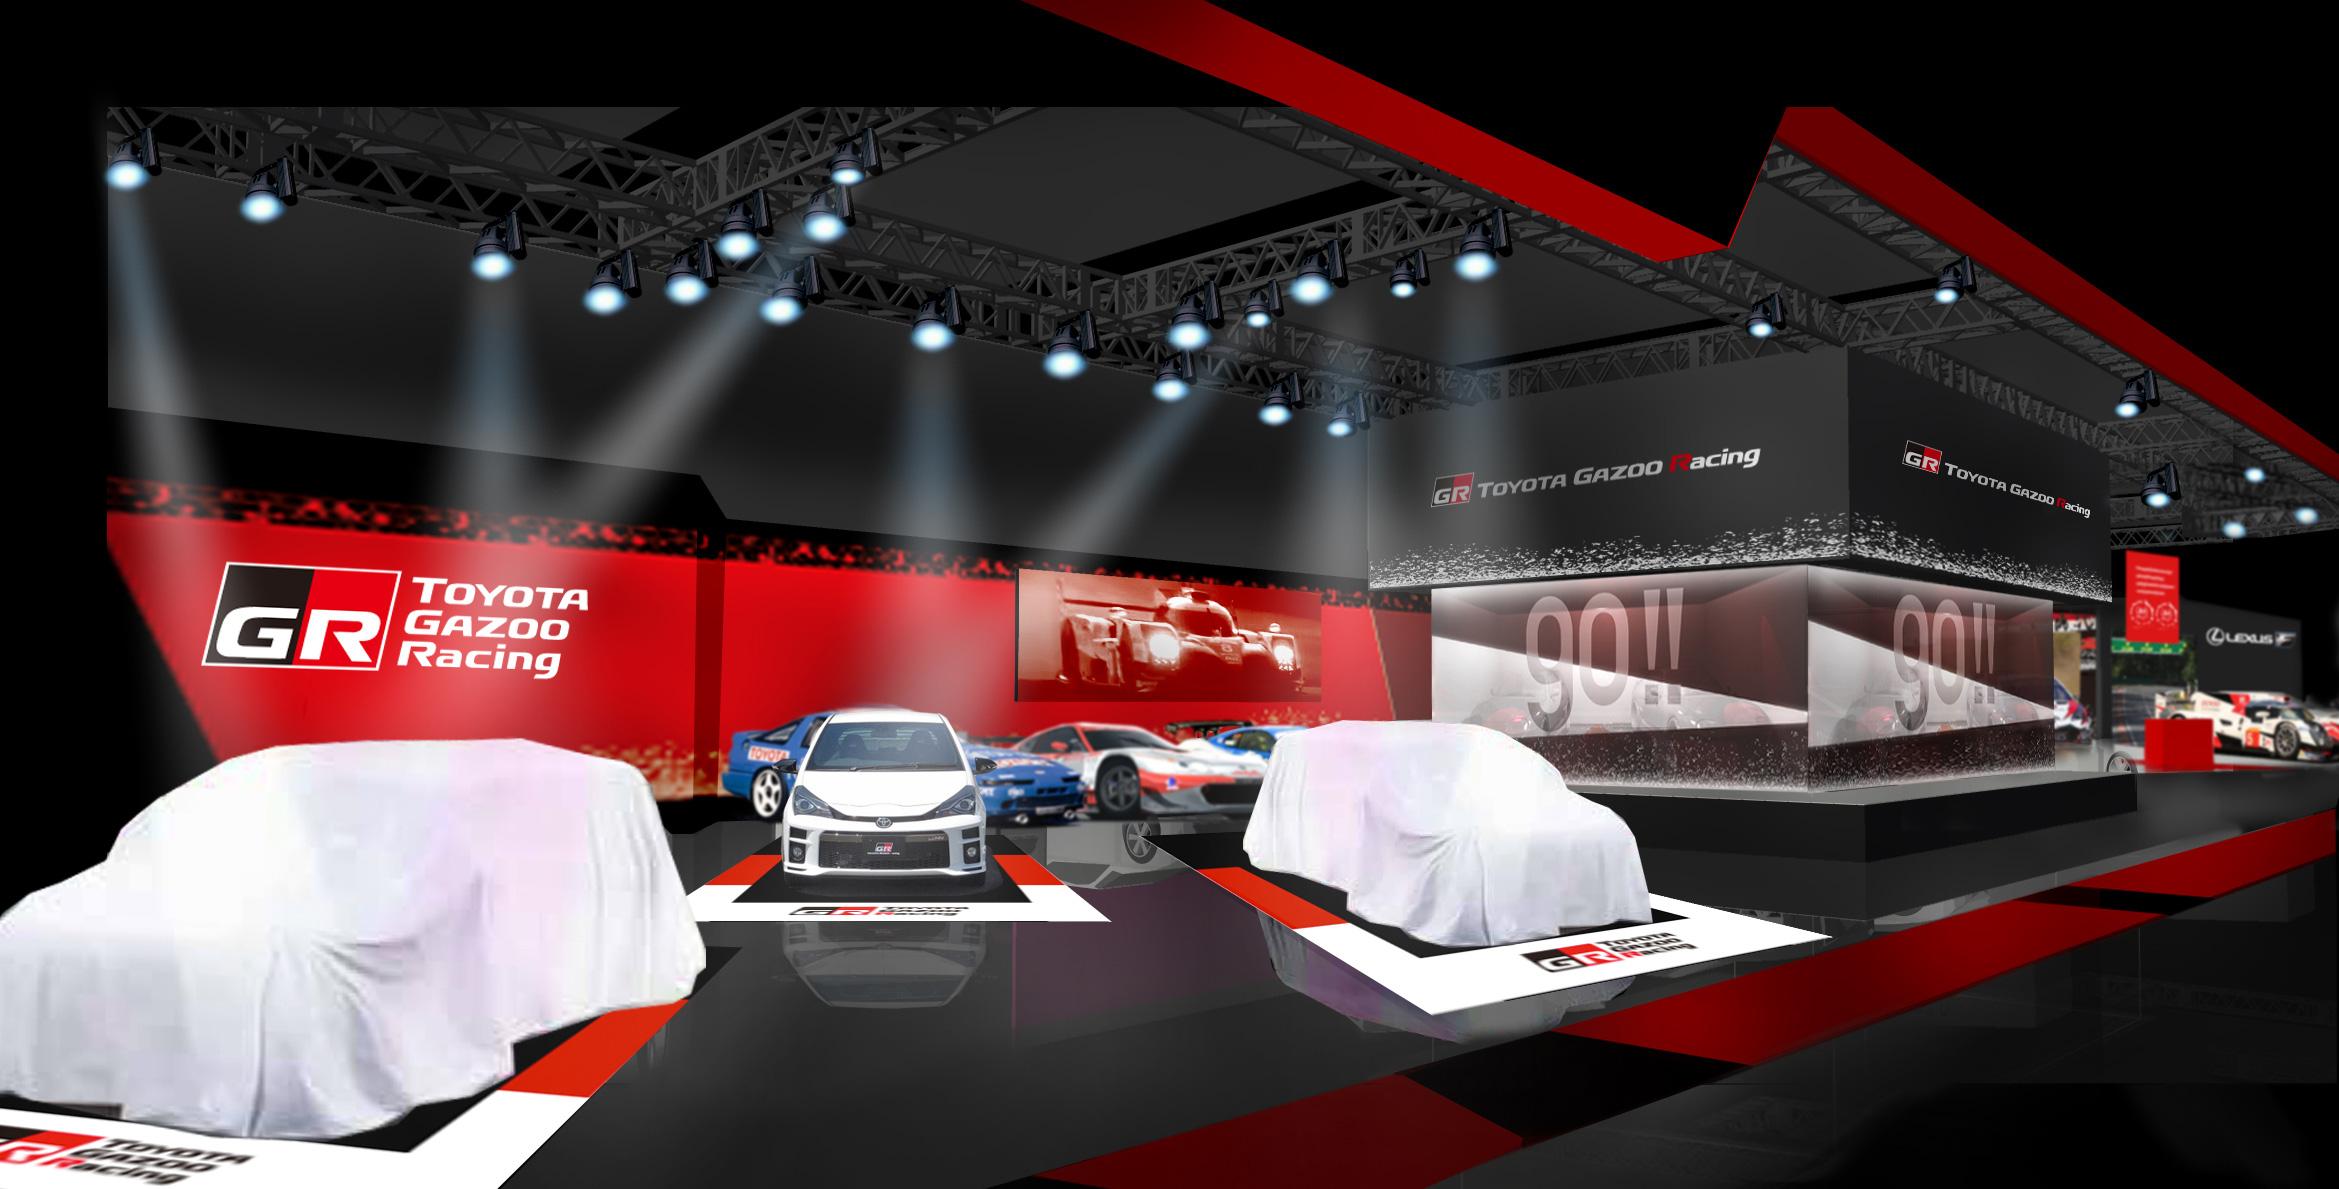 Toyota GR Supra Super GT için geri sayım başladı